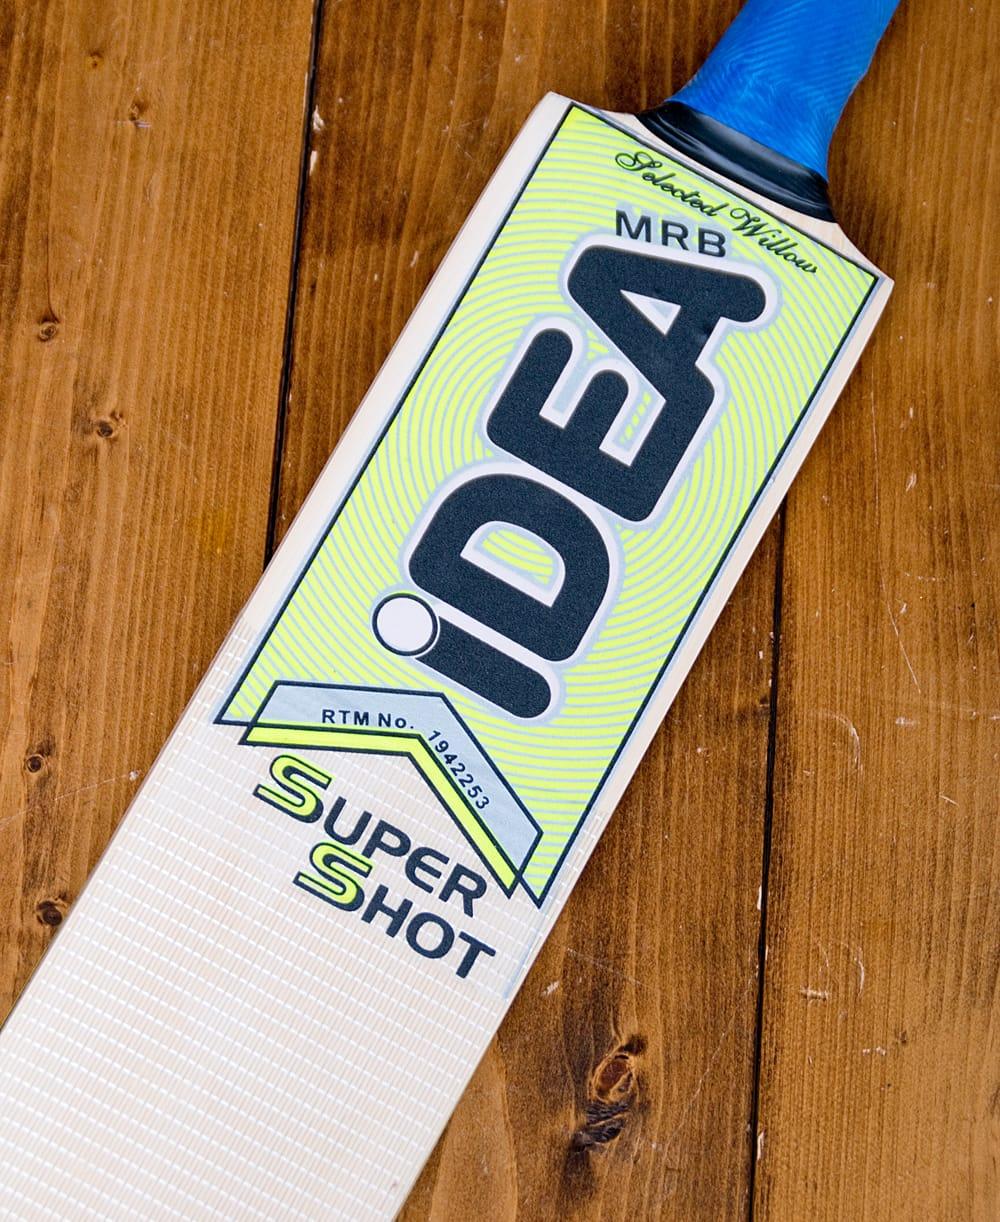 クリケットバット - iDEA SUPER SHOT 2 - 拡大写真です